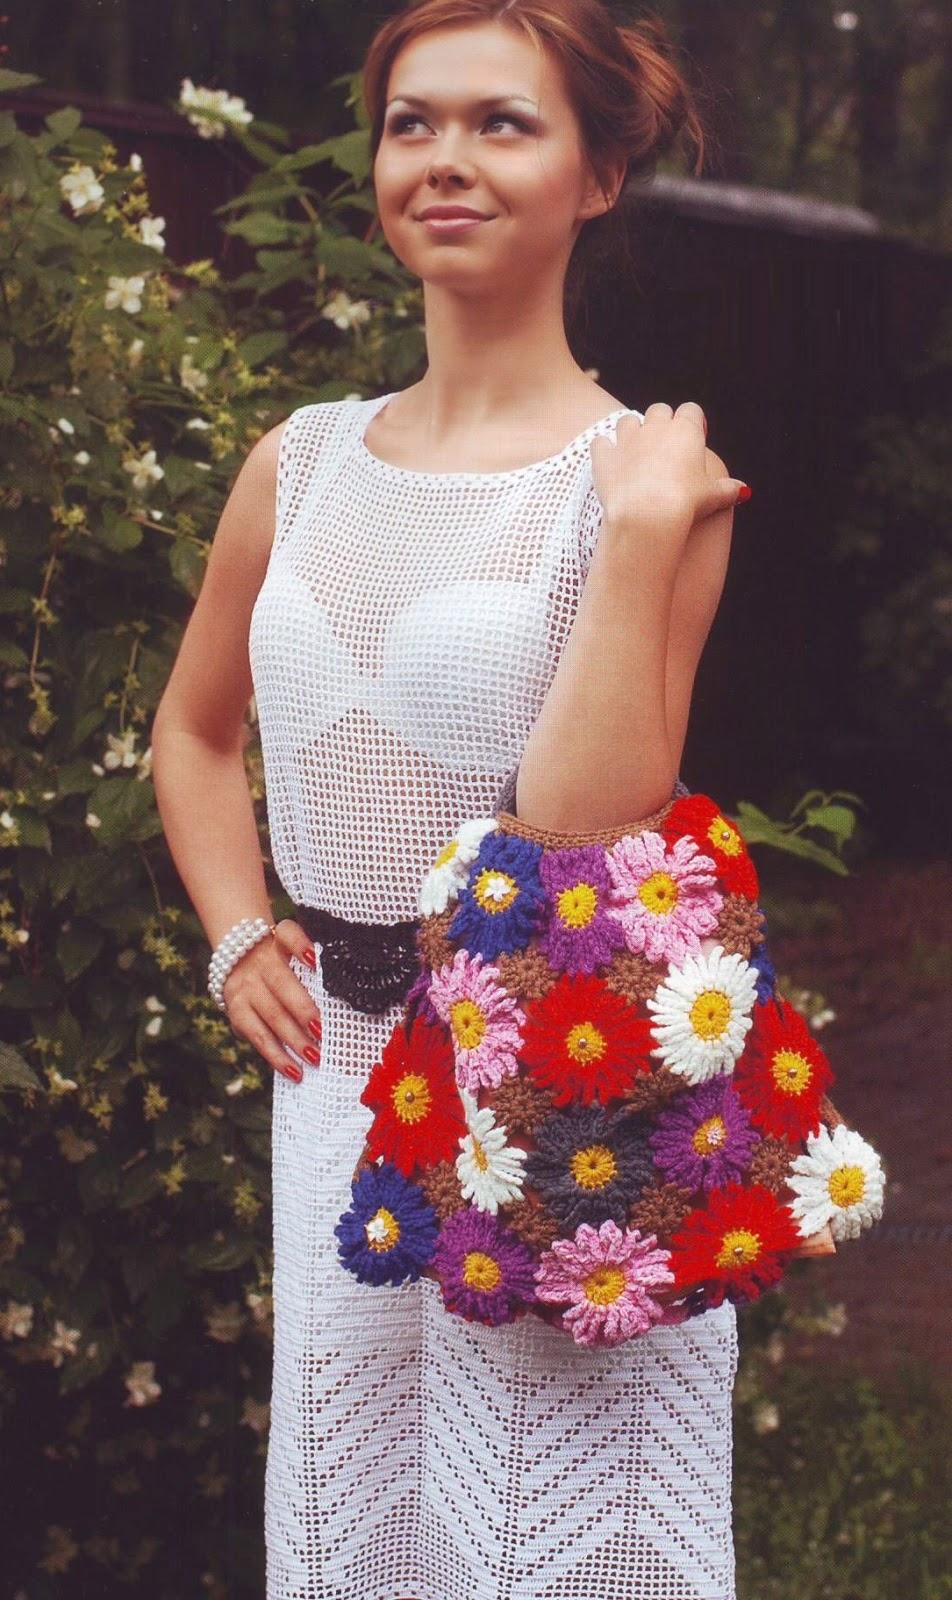 Вязание крючком цветков для платья 924